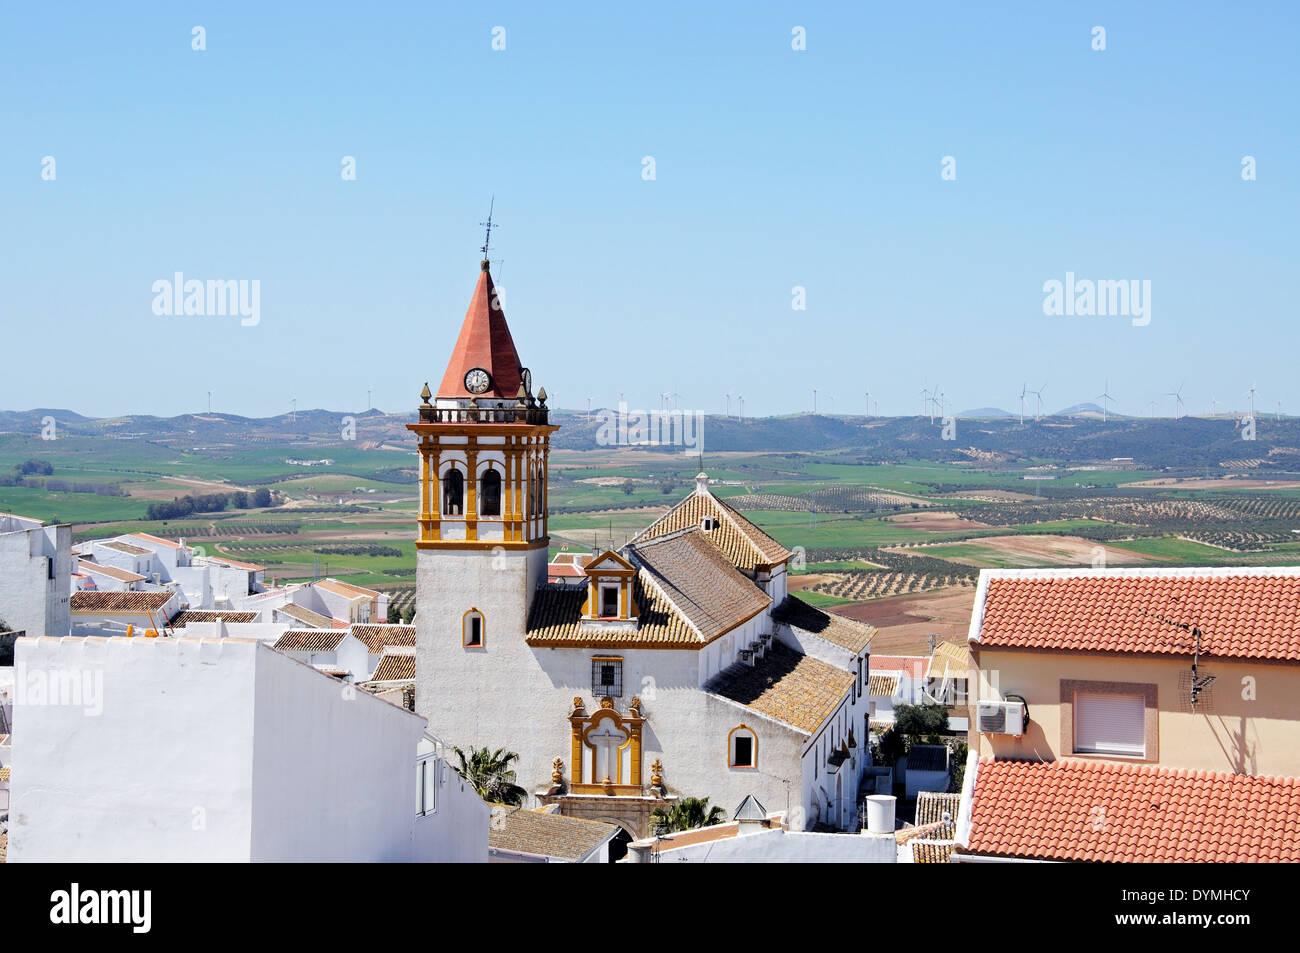 La Chiesa della Santa Croce (Santisima Cruz) e la campagna circostante, Teba, provincia di Malaga, Andalusia, Spagna, Europa occidentale. Immagini Stock